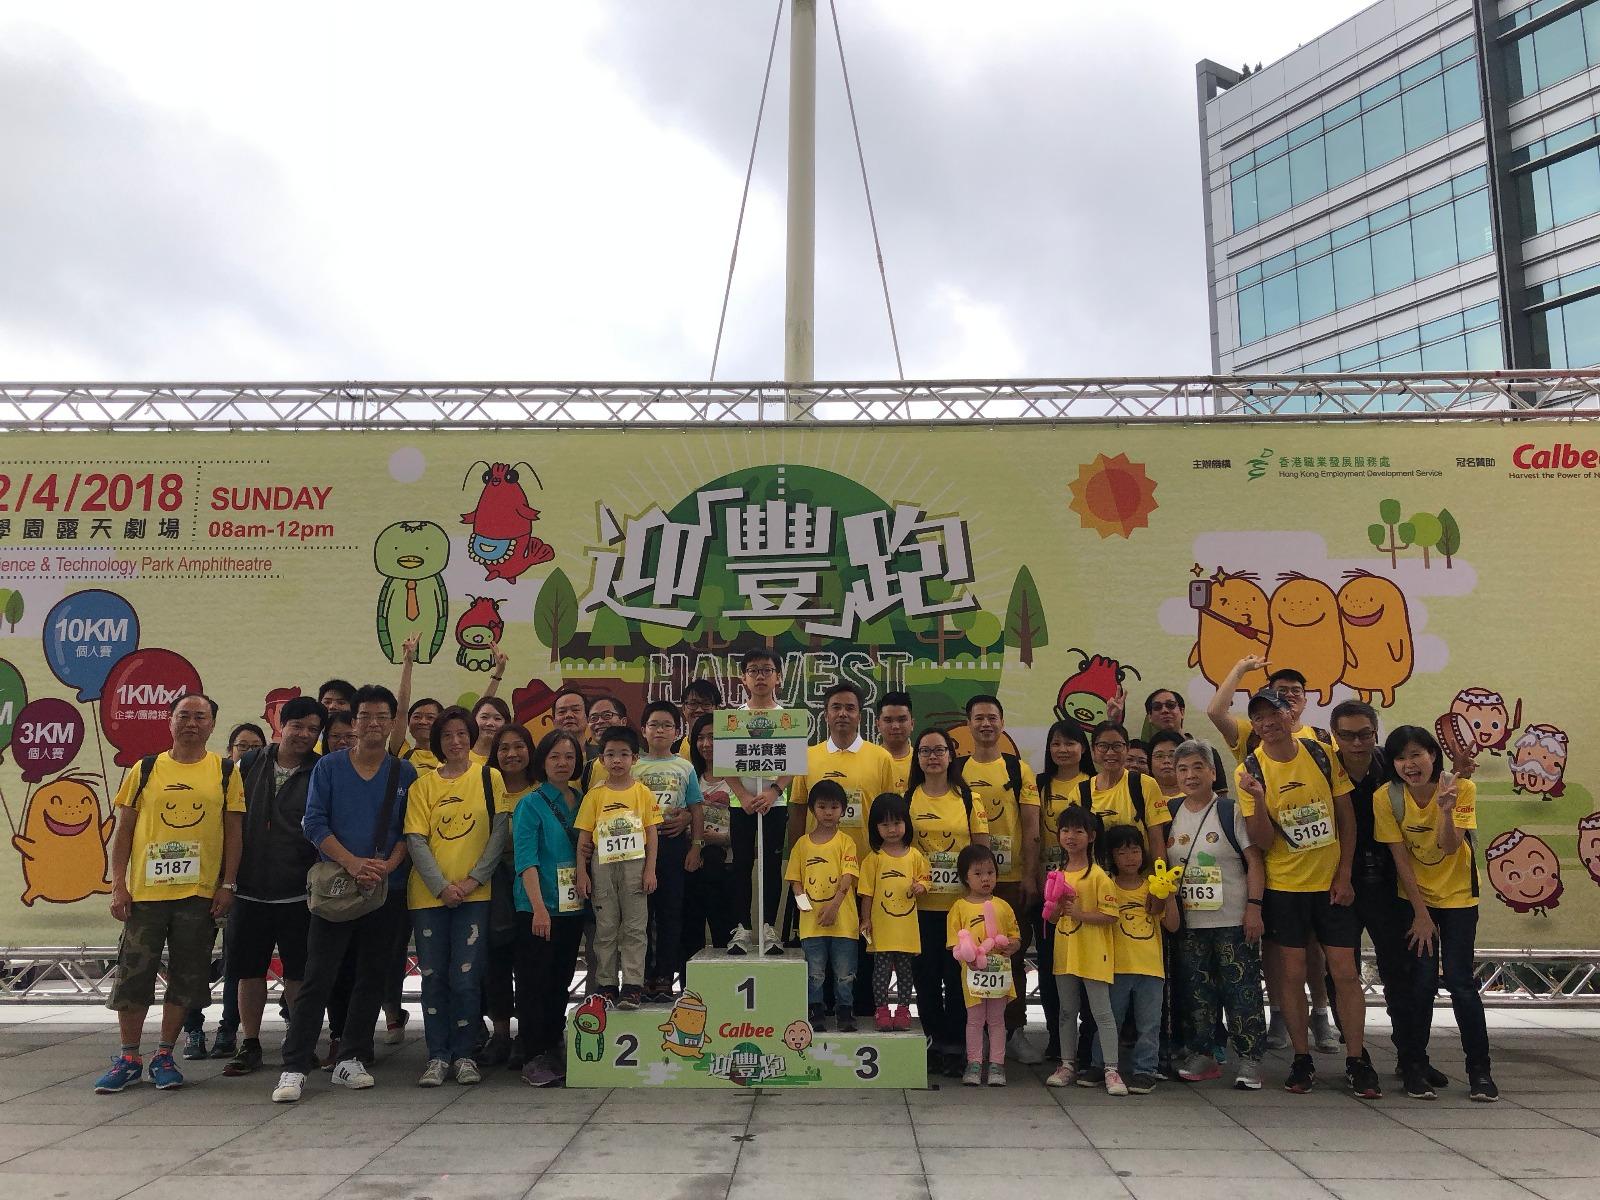 2018-04-22 - 红A义工队之快乐慈善跑2018